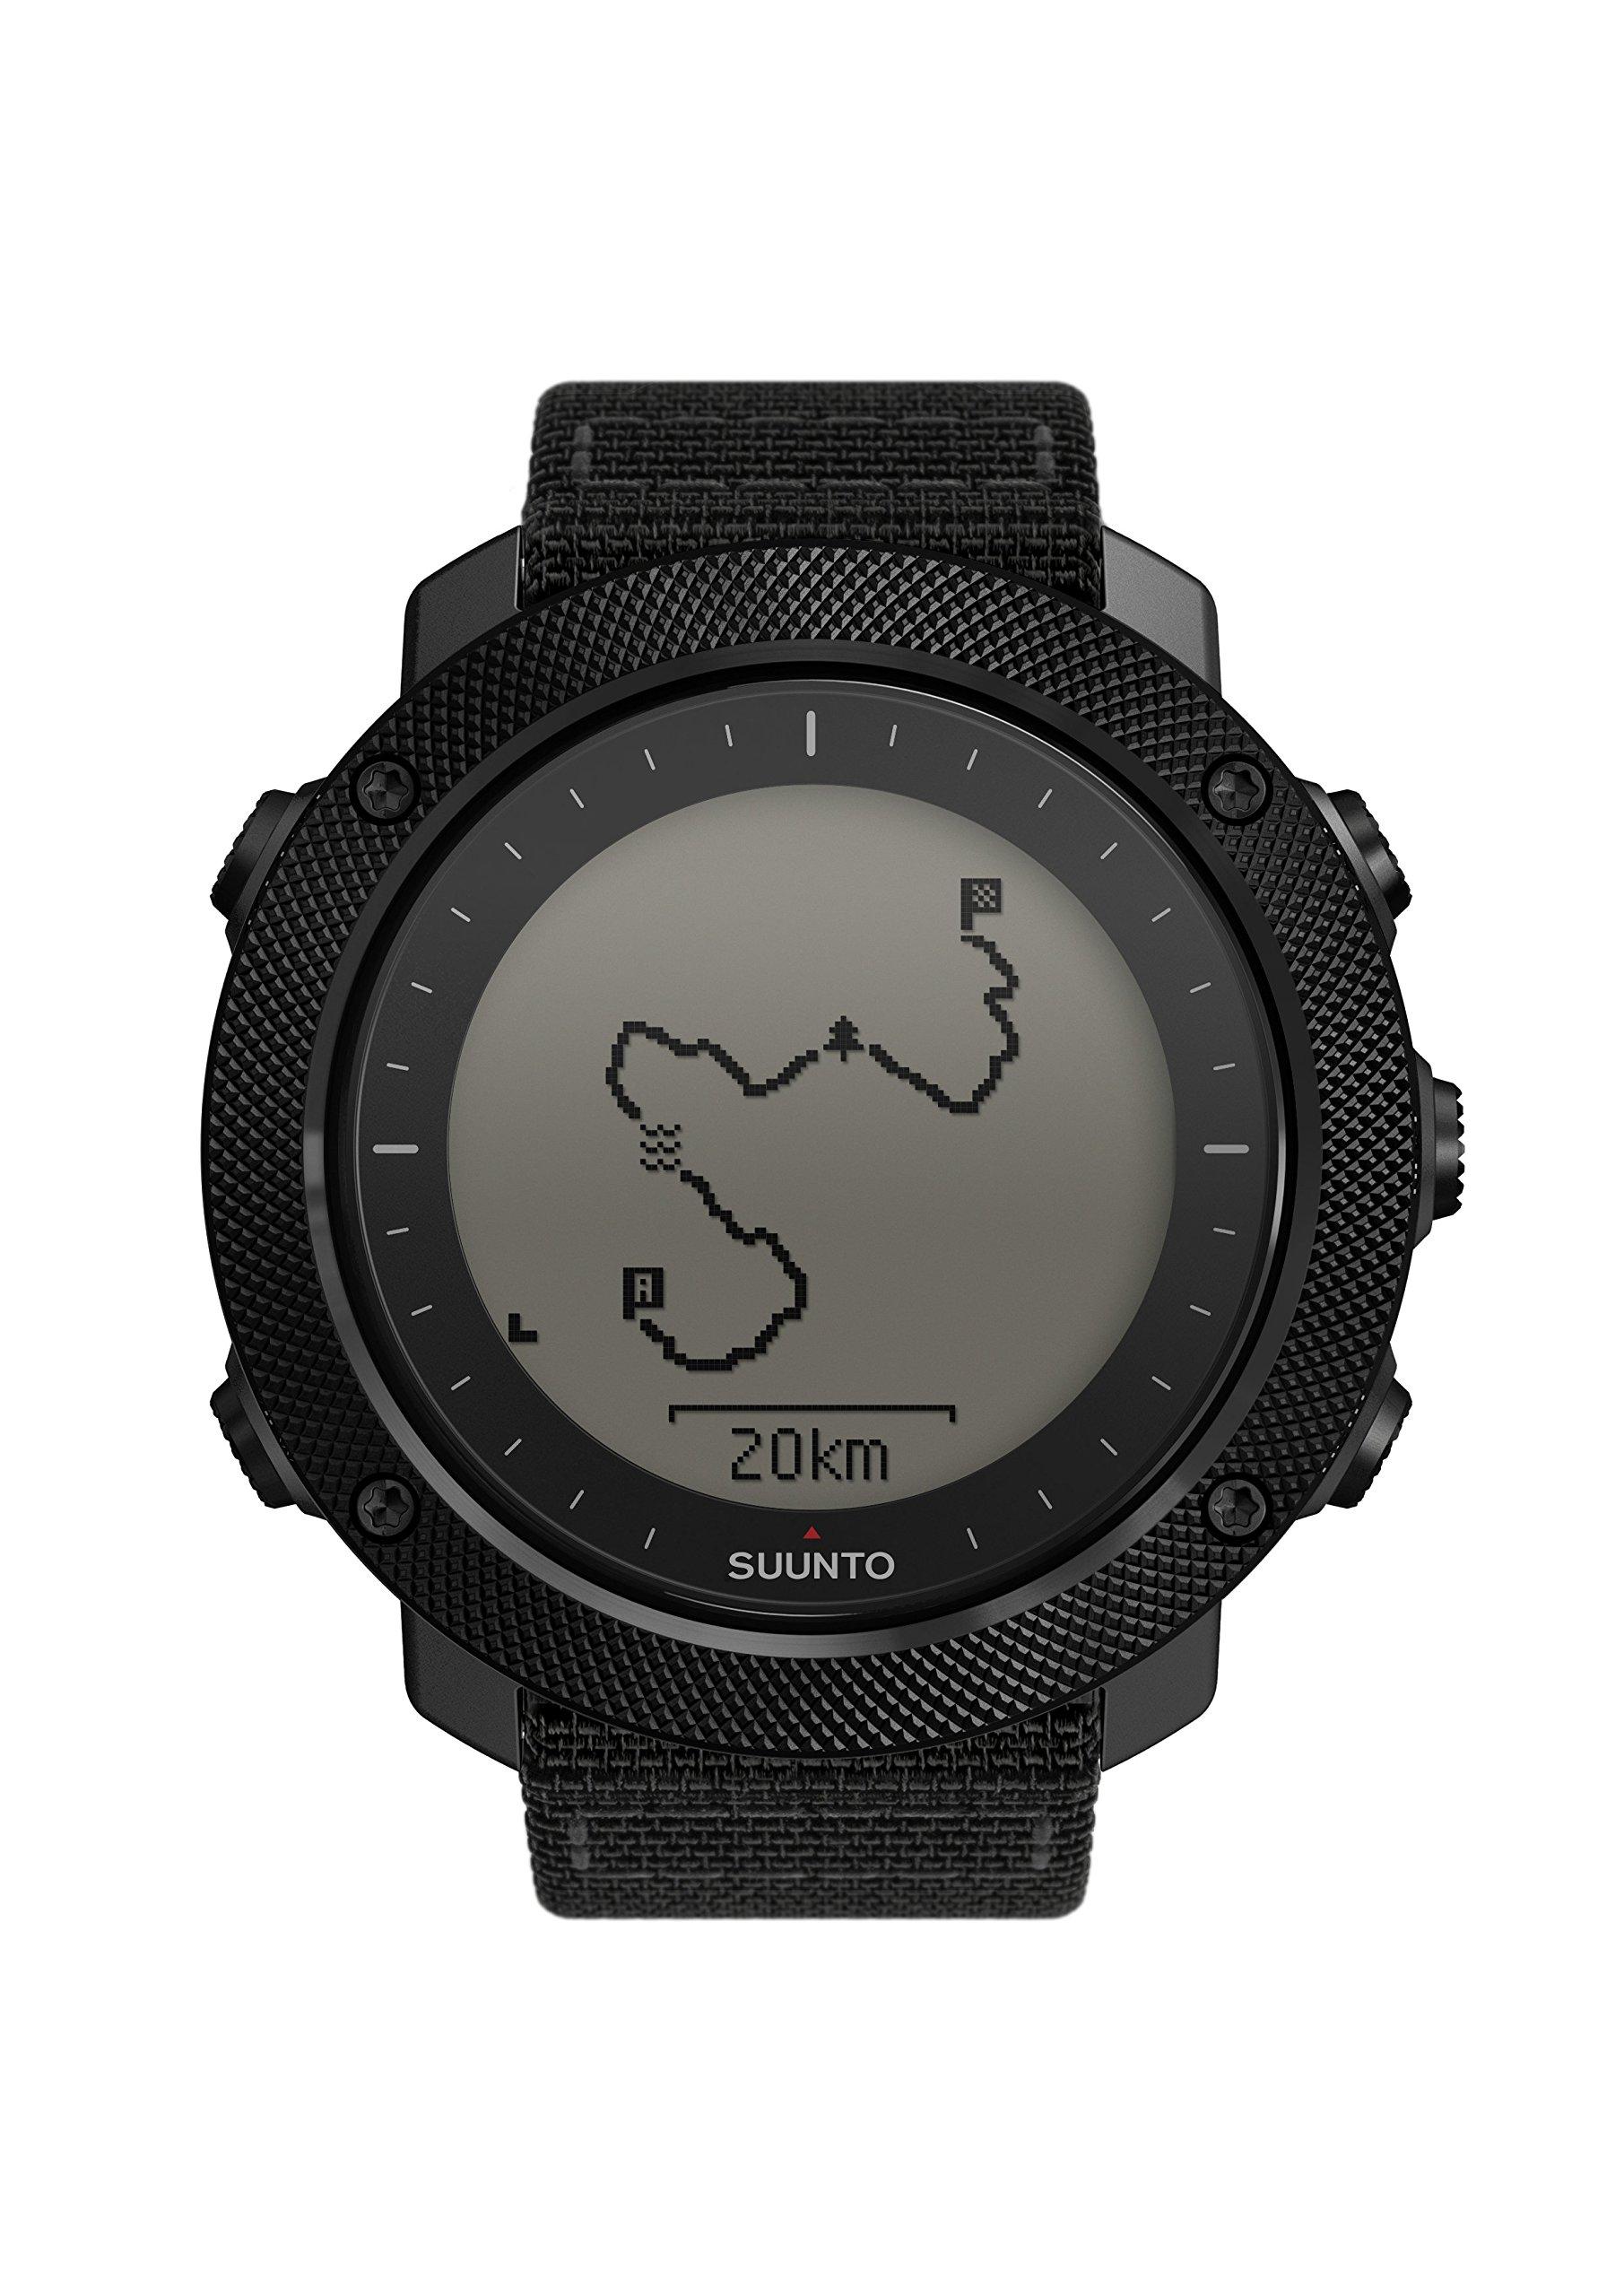 Suunto – Traverse Alpha – Reloj GPS Outdoor para pesca, caza y excursionismo – Sumergible – Negro Stealth – Talla única